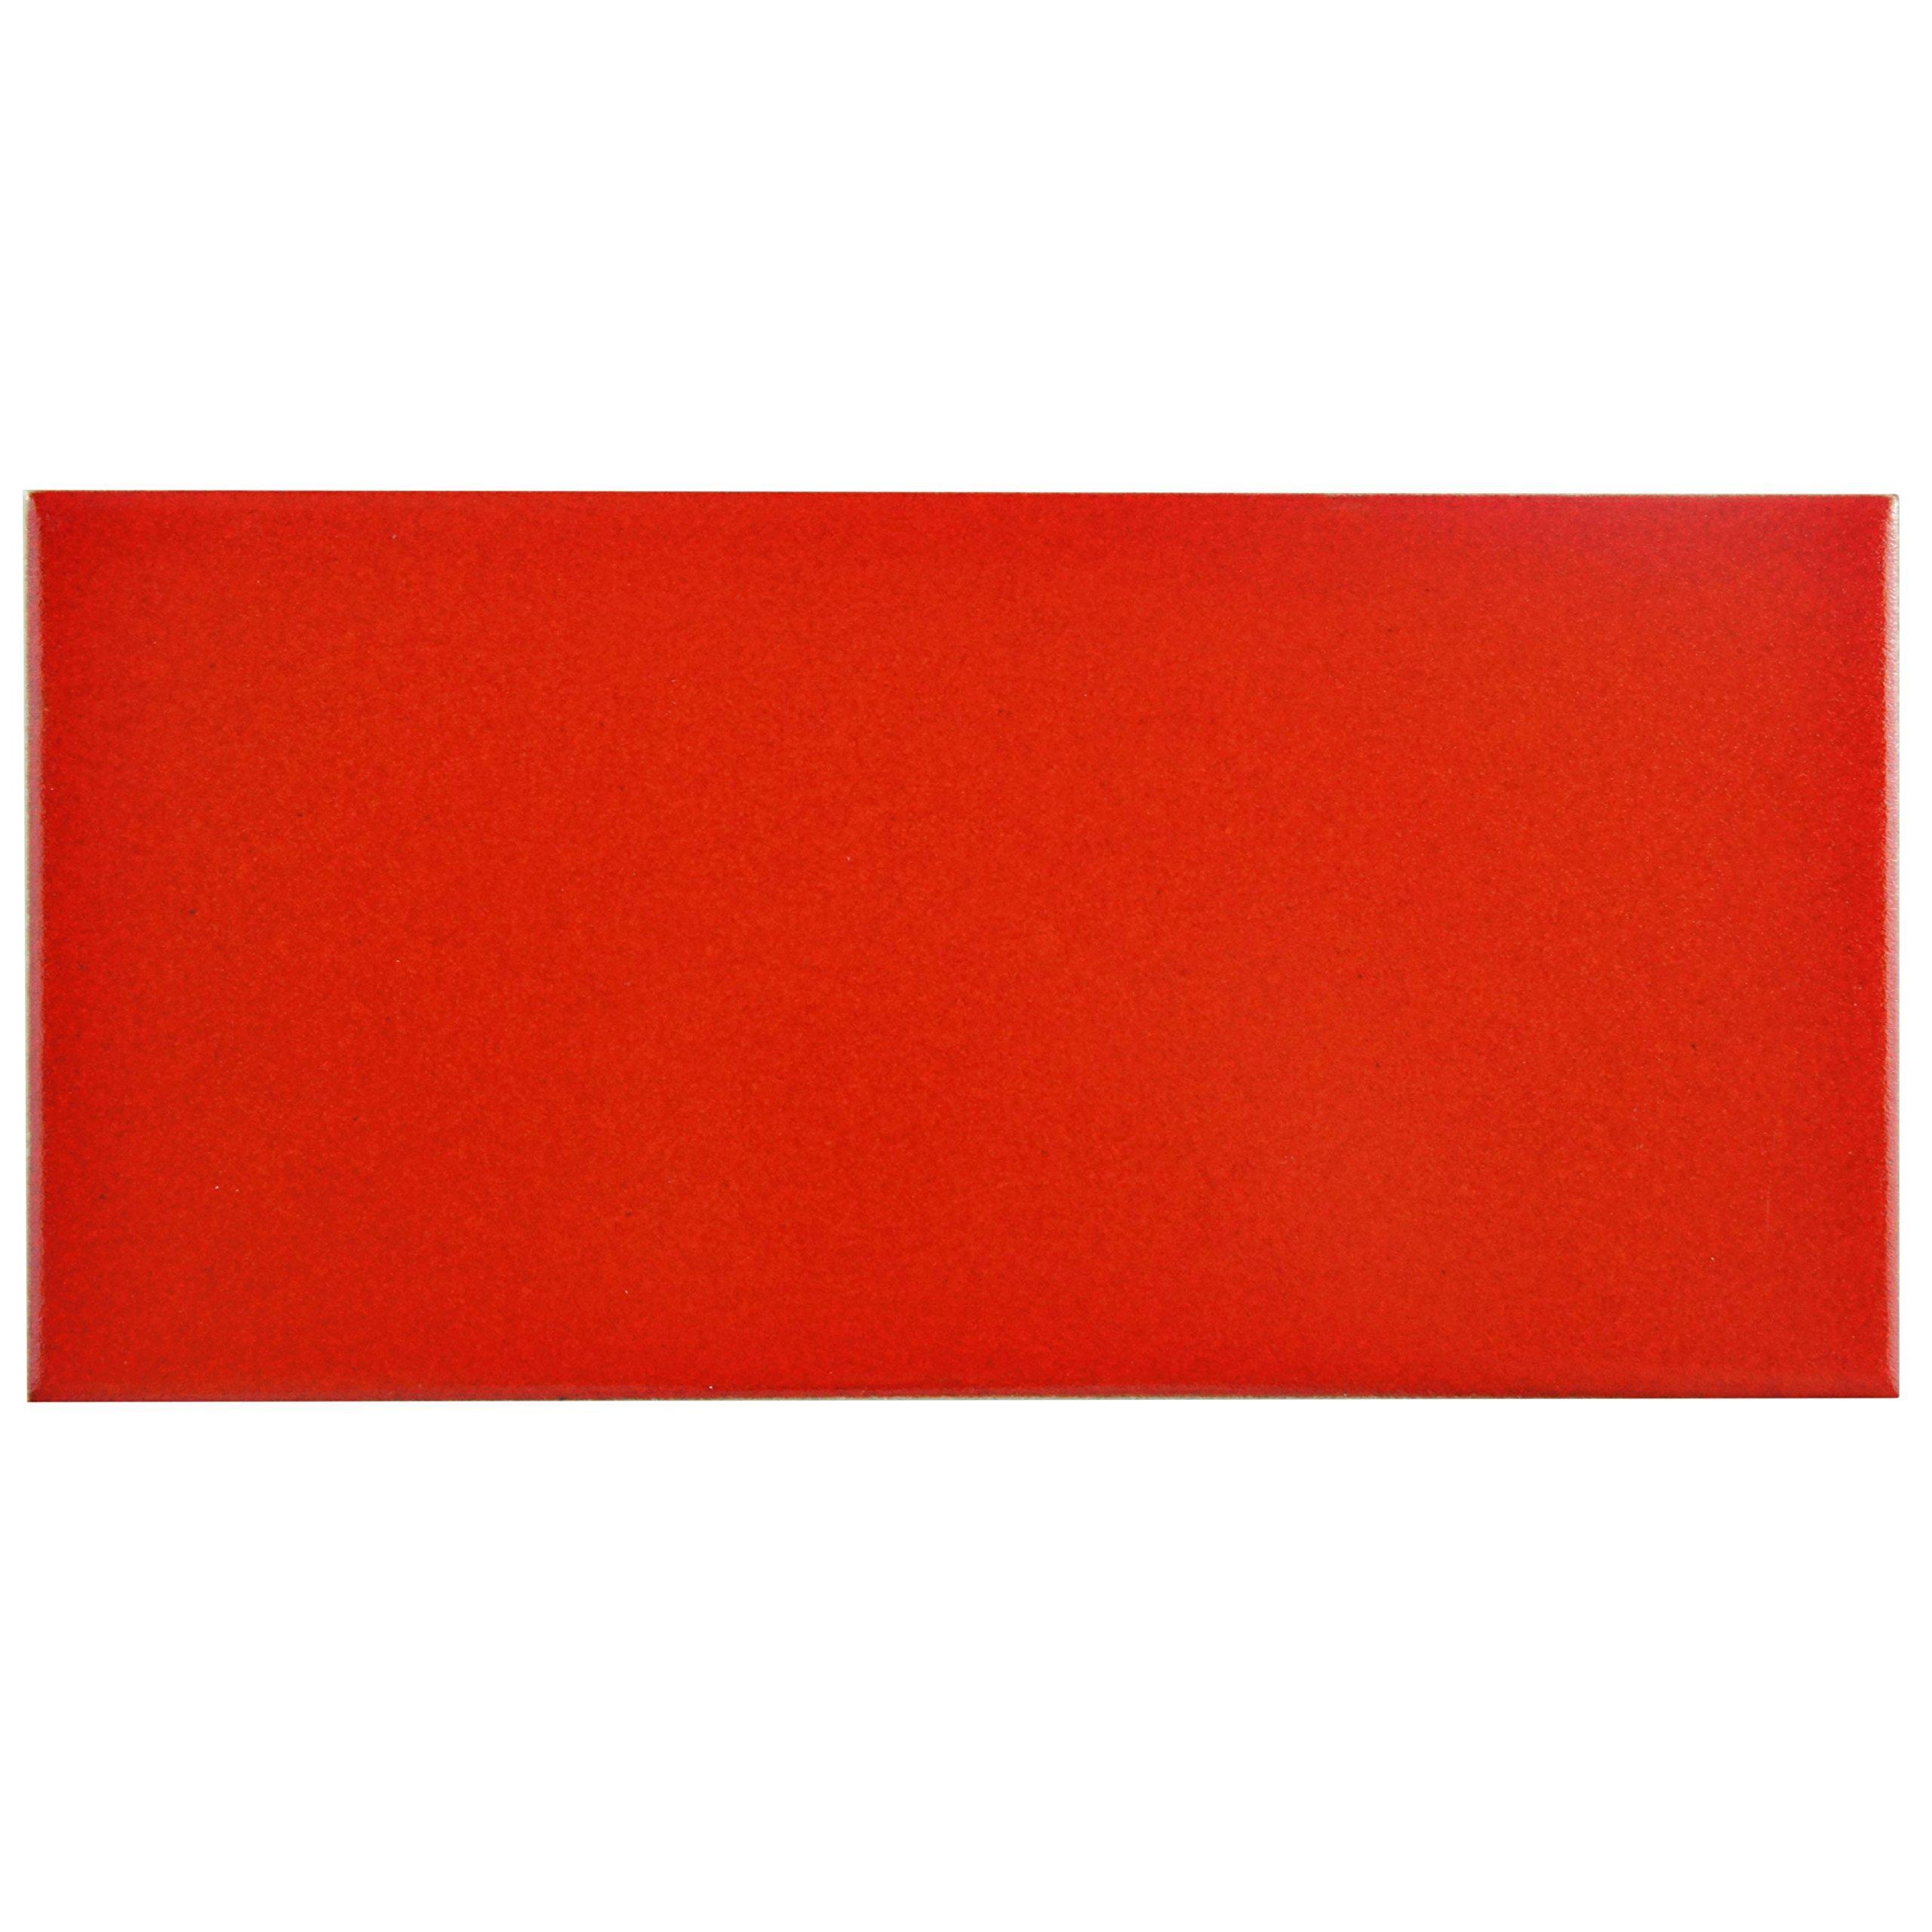 SomerTile Red FRC8PRVM Memoire Ceramic Floor and Wall Tile, 3.875'' x 7.75'', Vermelho Matte